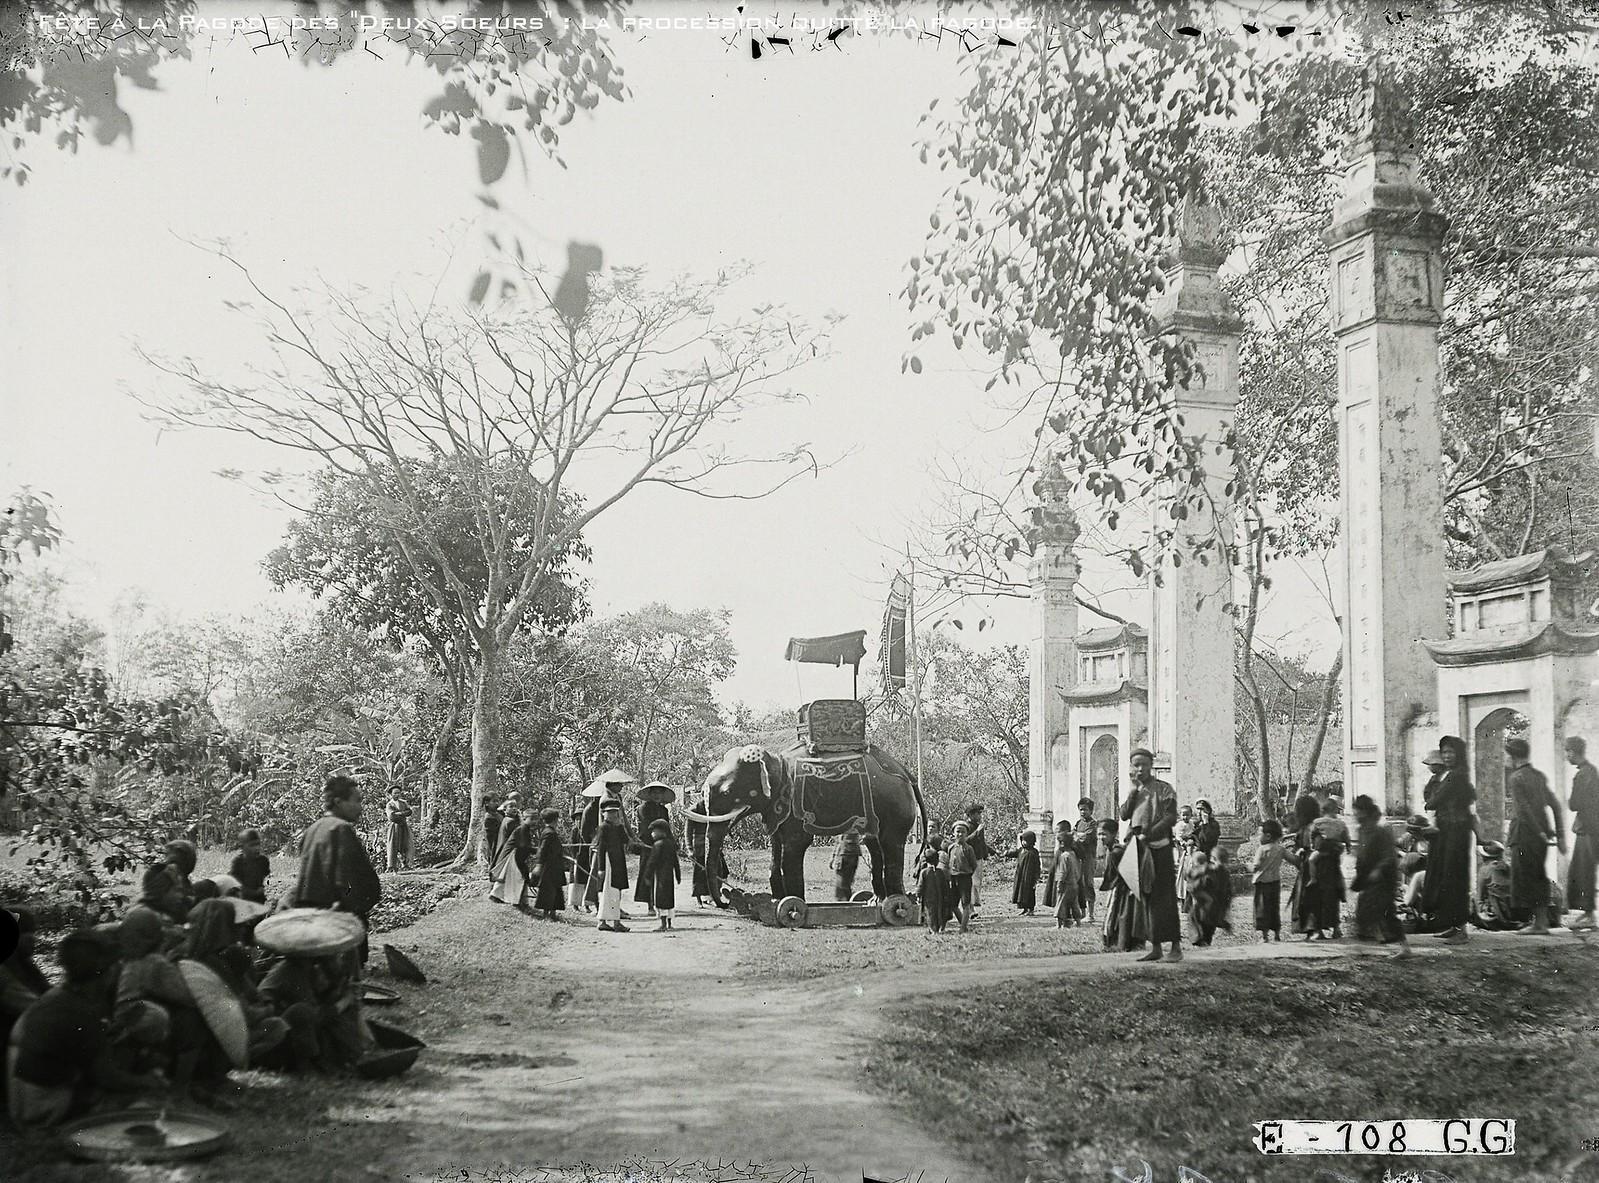 Chùm ảnh: Lễ hội đền Đồng Nhân ở Hà Nội thập niên 1920